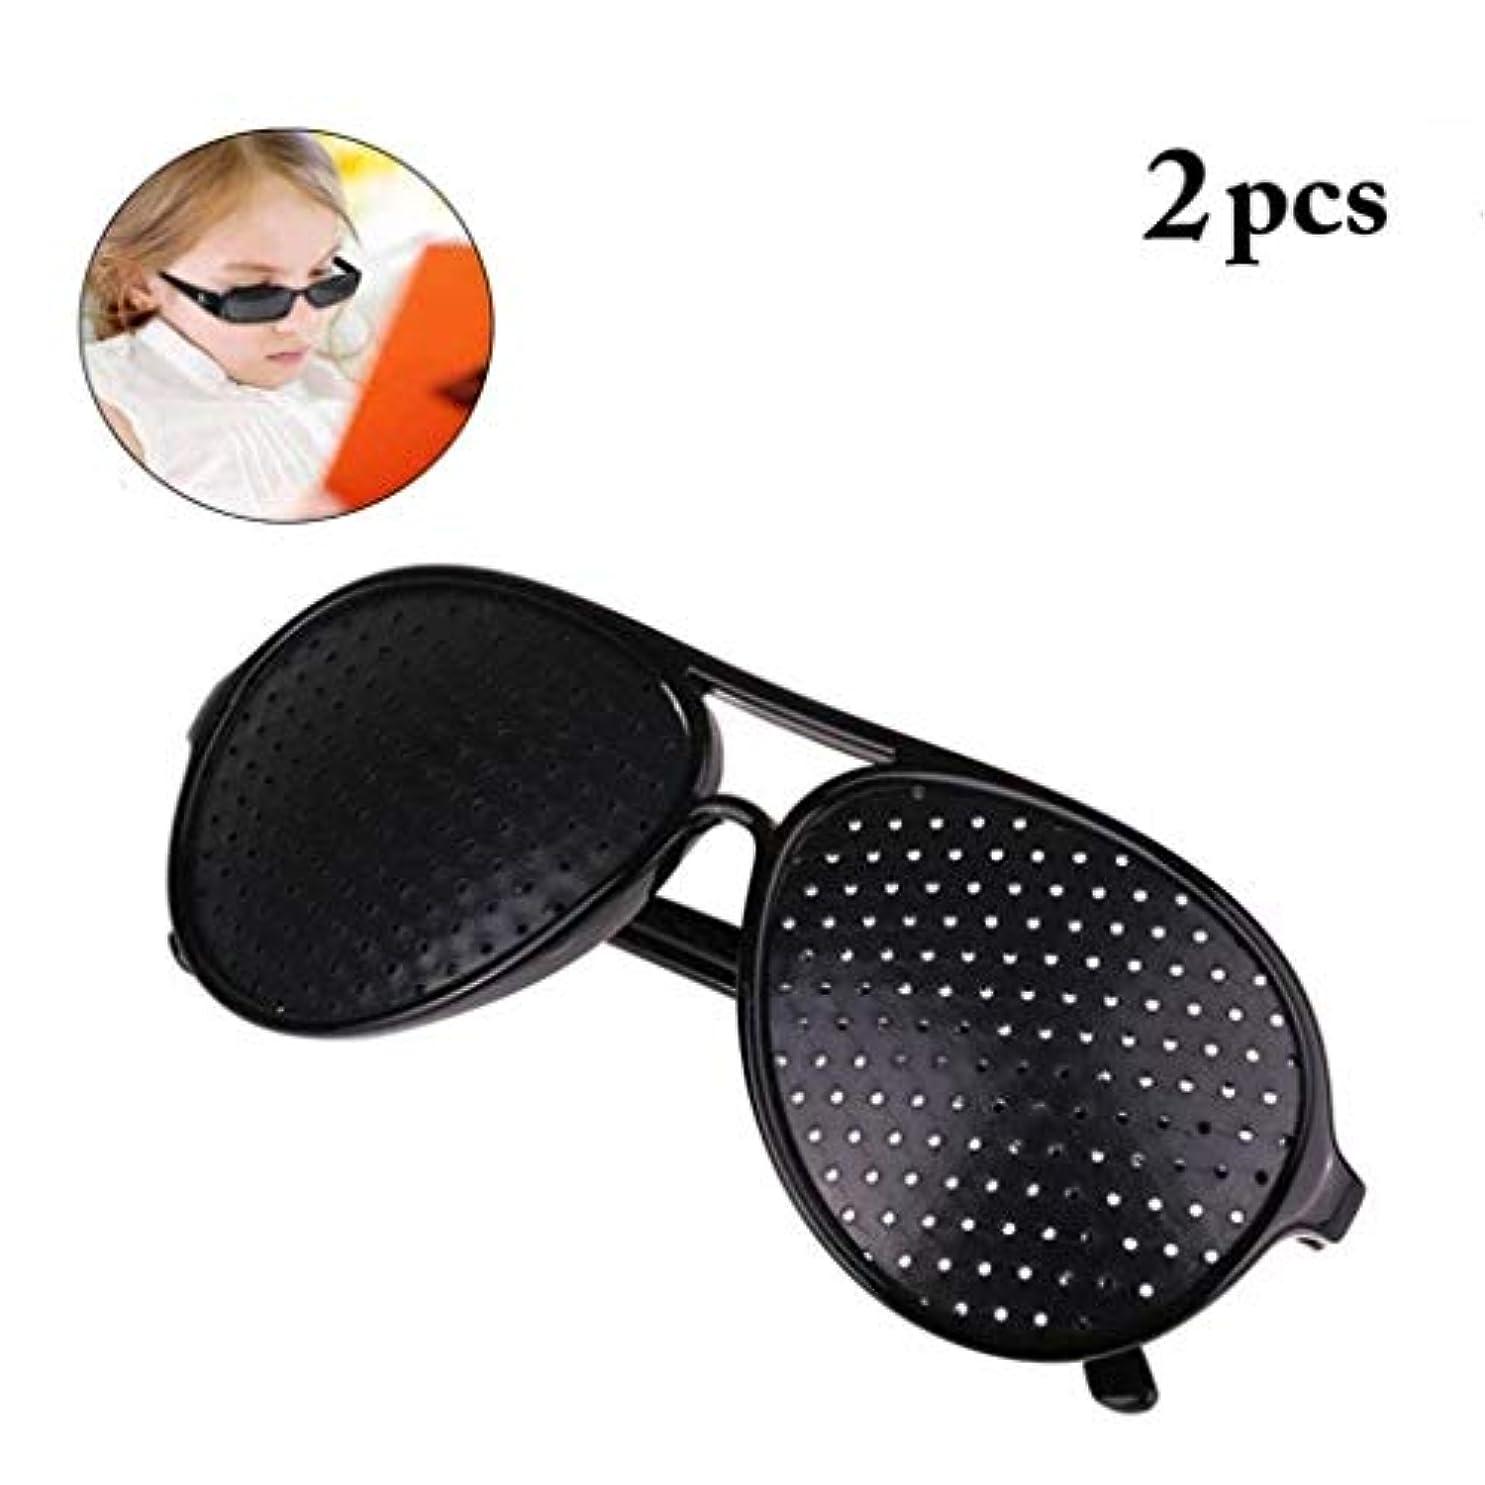 計画チームぶどうピンホールメガネ、視力矯正メガネ網状視力保護メガネ耐疲労性メガネ近視の防止メガネの改善